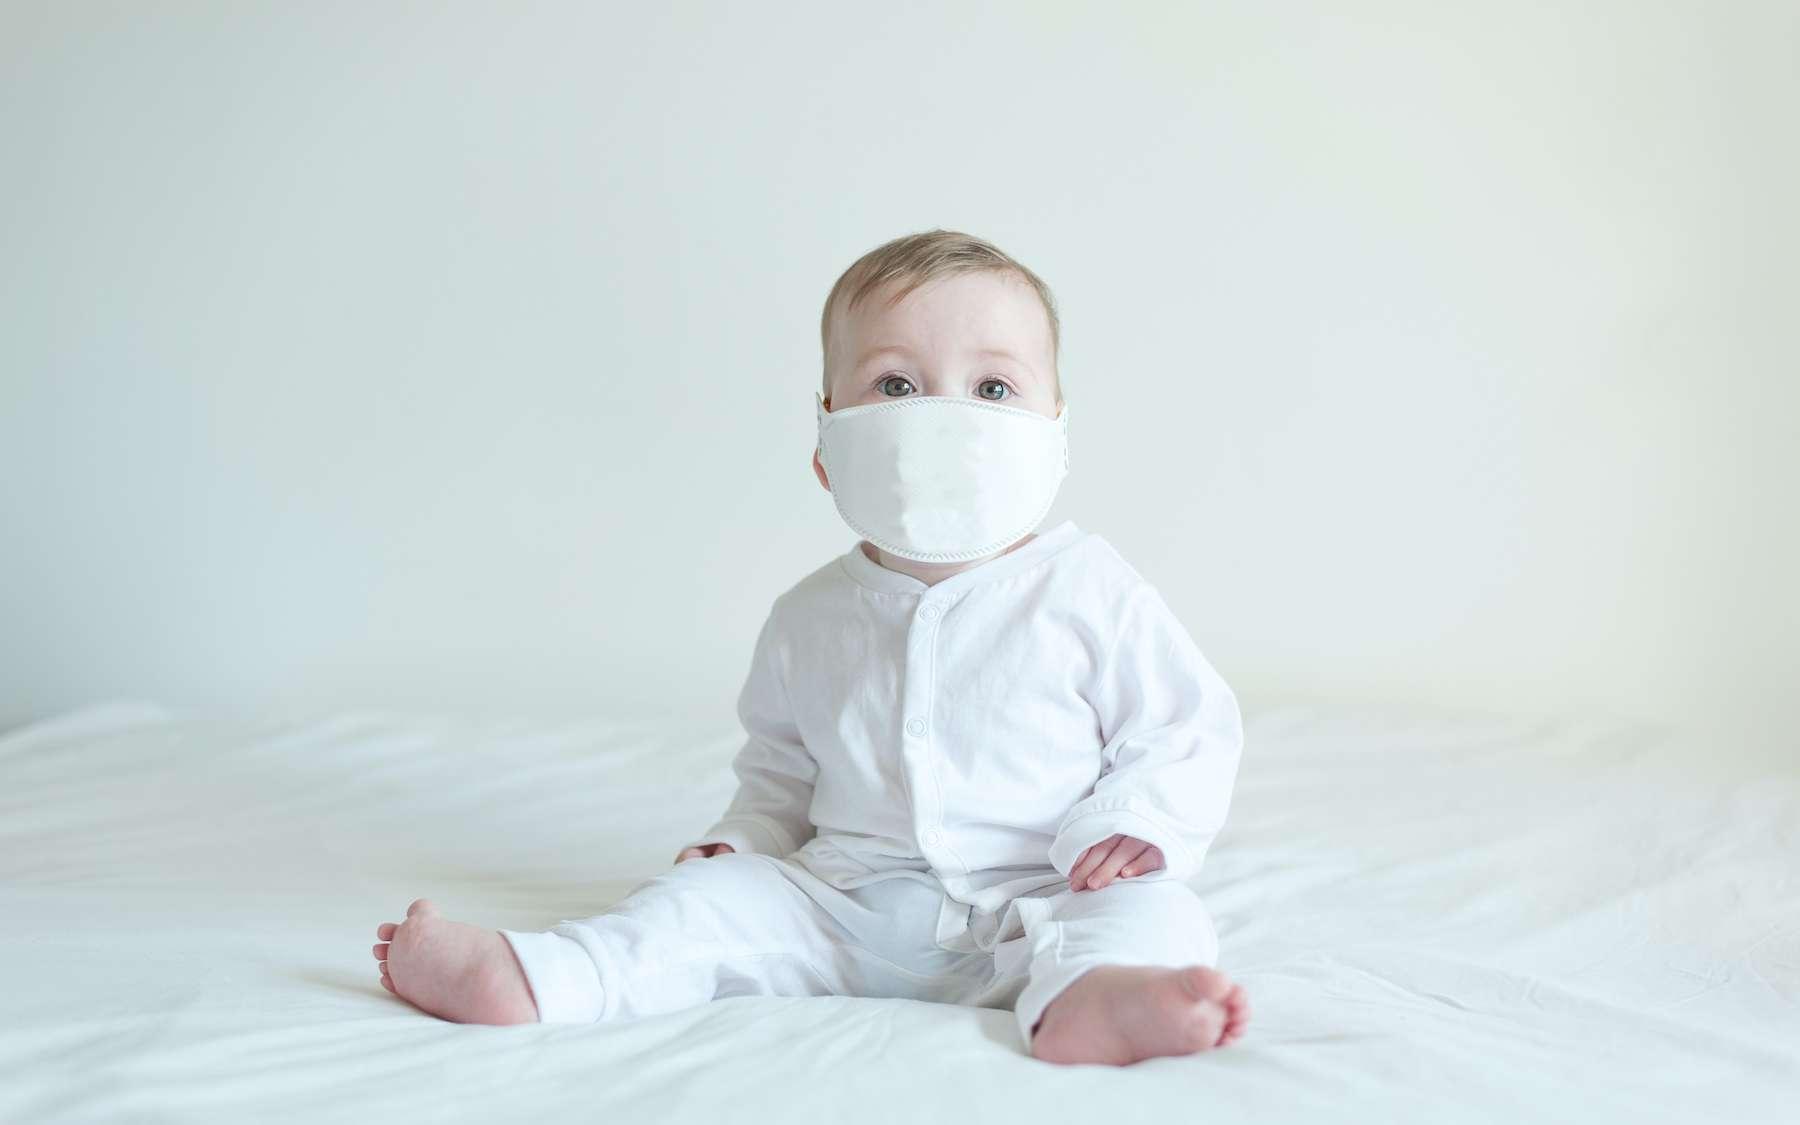 Un bébé est né avec des anticorps contre le coronavirus. Sa mère a été vaccinée trois semaines avant d'accoucher. © noeliauroz, Adobe Stock